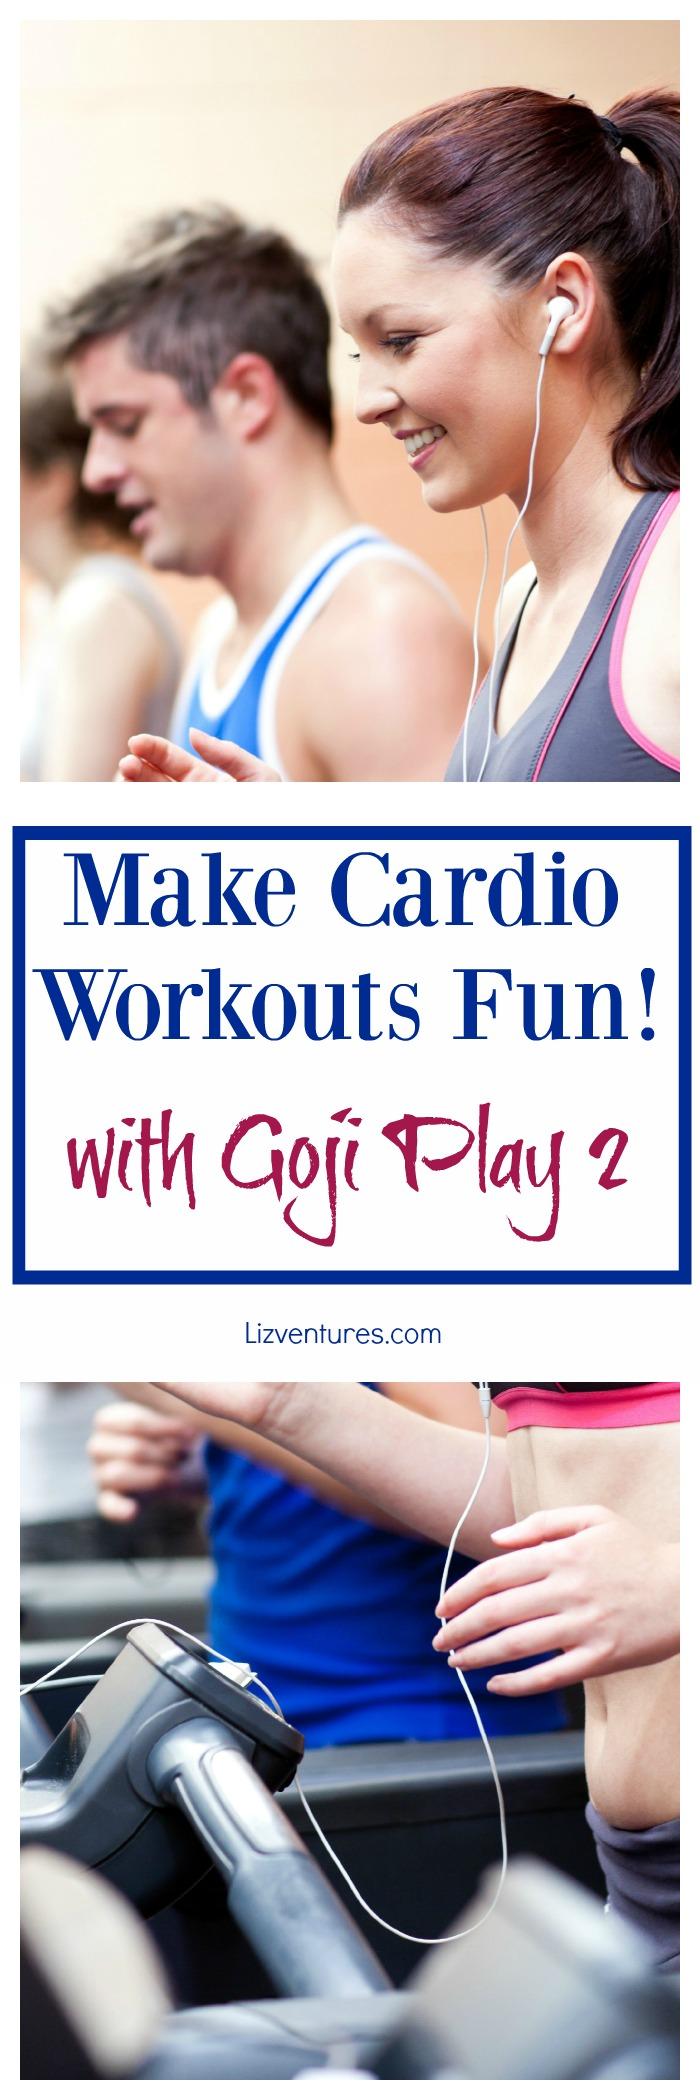 Make Cardio Workouts Fun with Goji Play 2